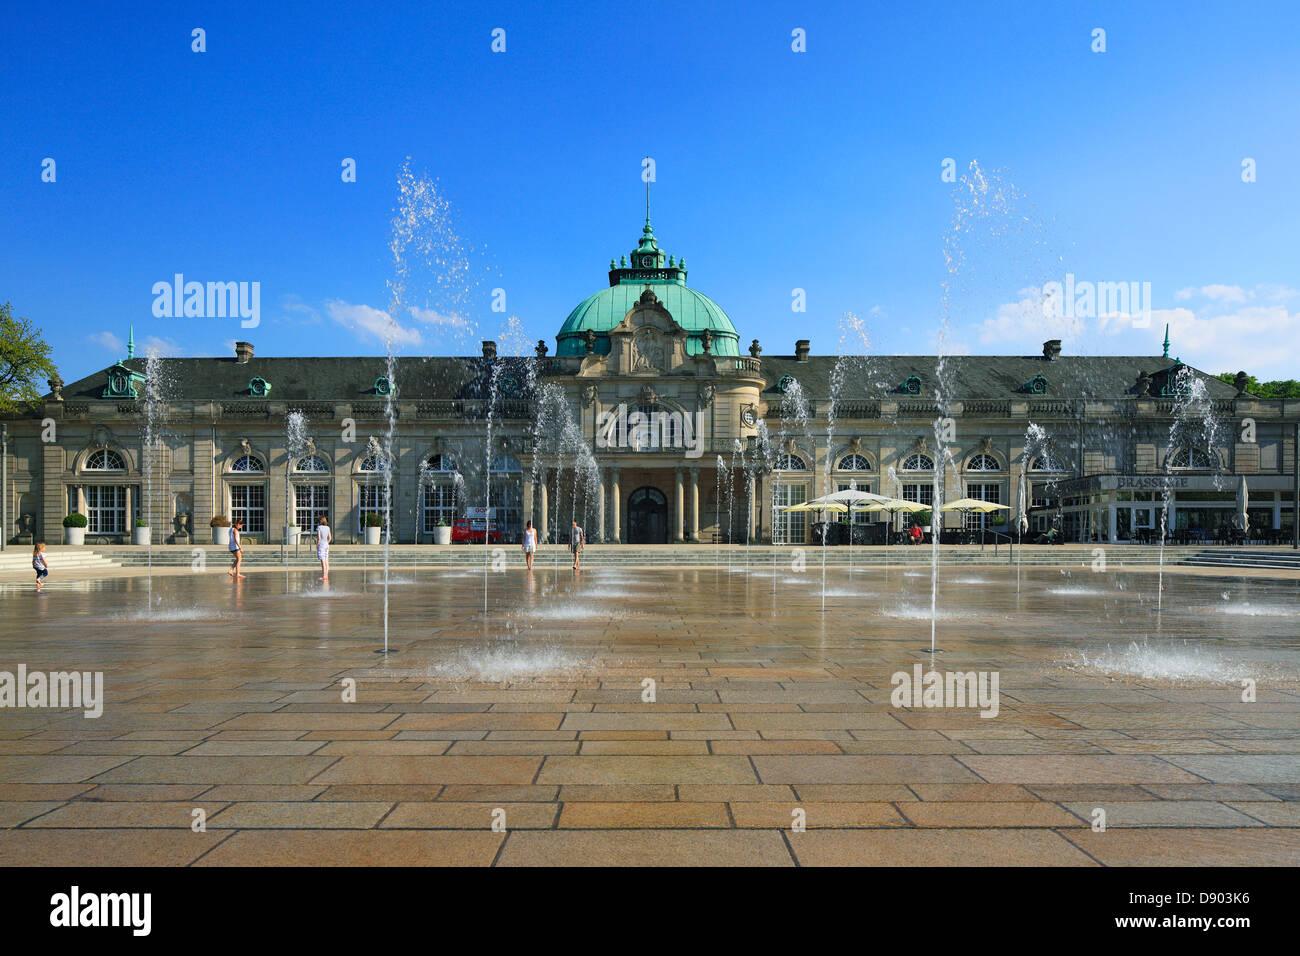 Kaiserpalais mit GOP-Variete-Theater im Kurpark von Bad Oeynhausen, Wiehengebirge, Nordrhein-Westfalen Stock Photo